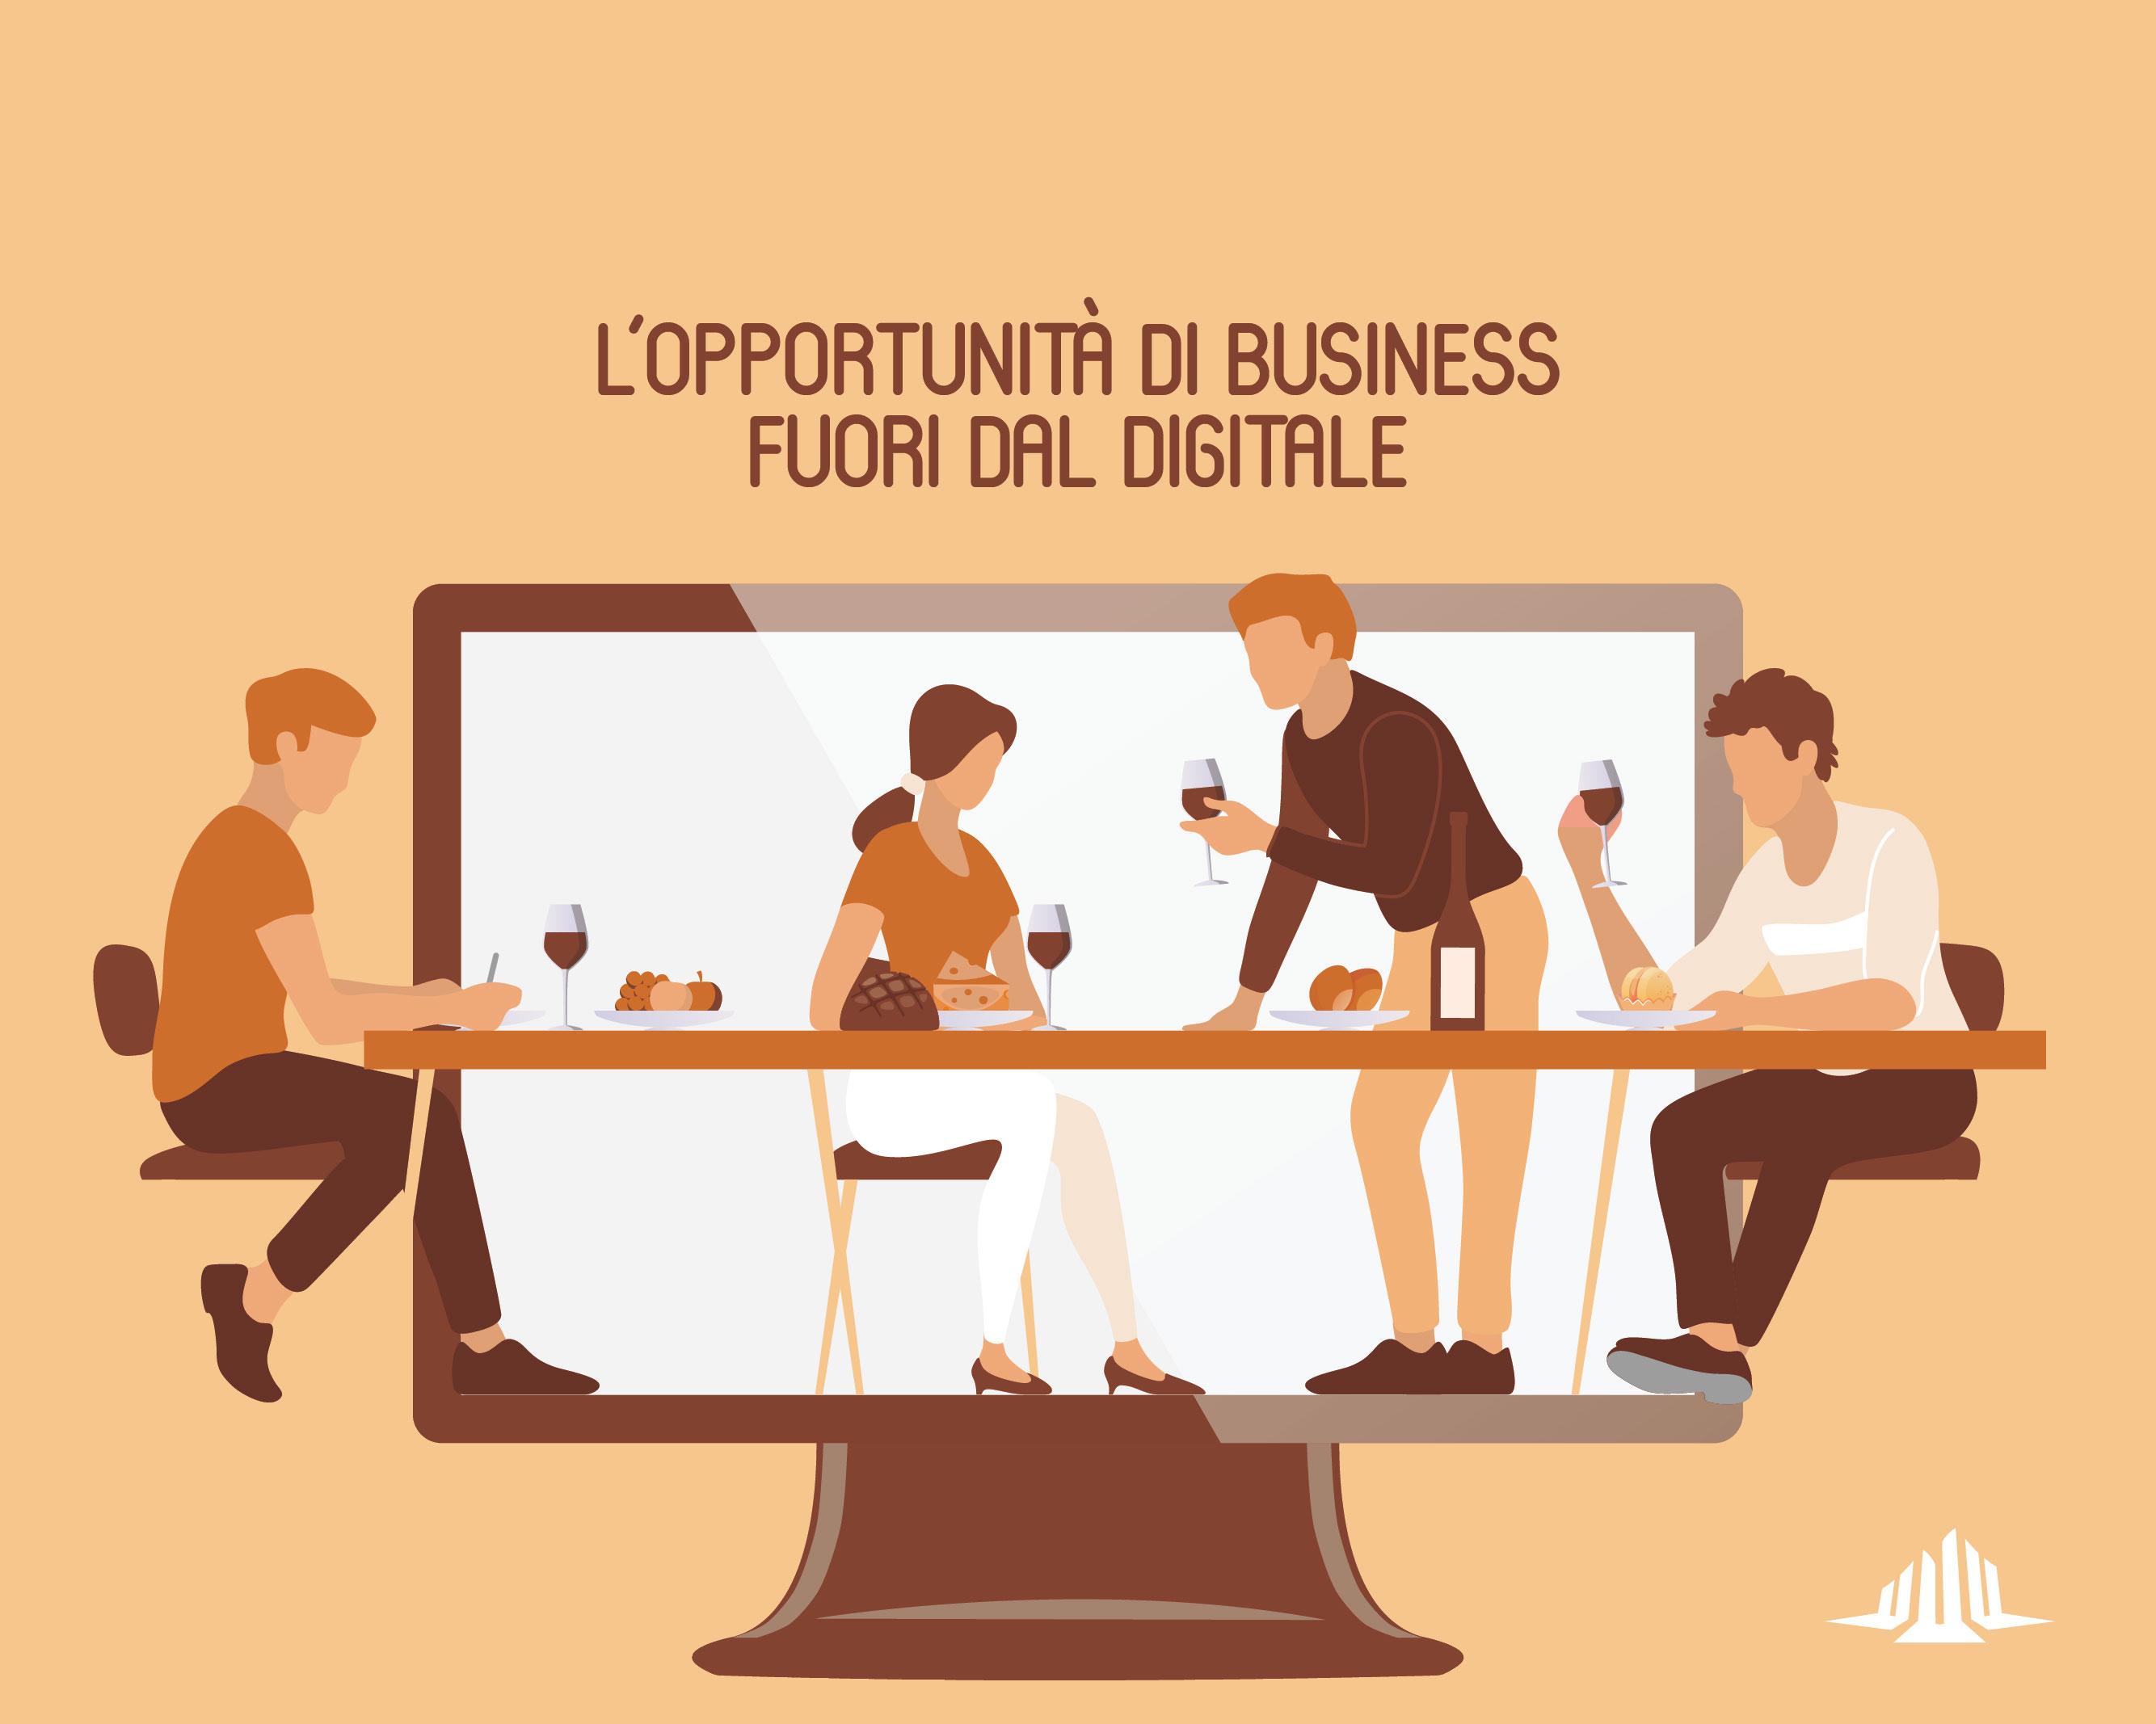 L'opportunità di business fuori dal digitale